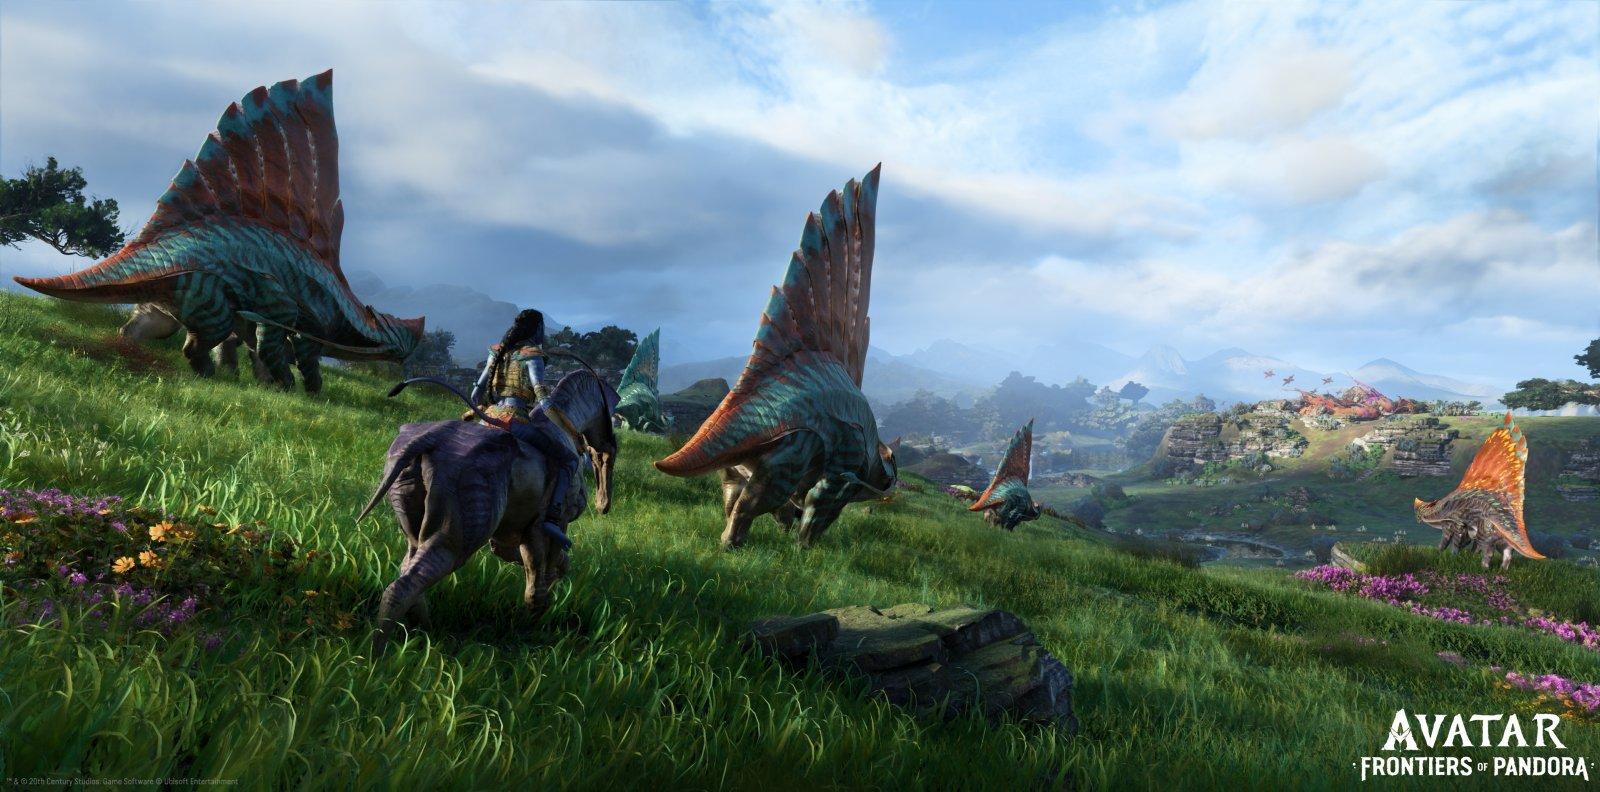 Ubisoft показала Avatar: Frontiers of Pandora с впечатляющей графикой / Новости / Overclockers.ua